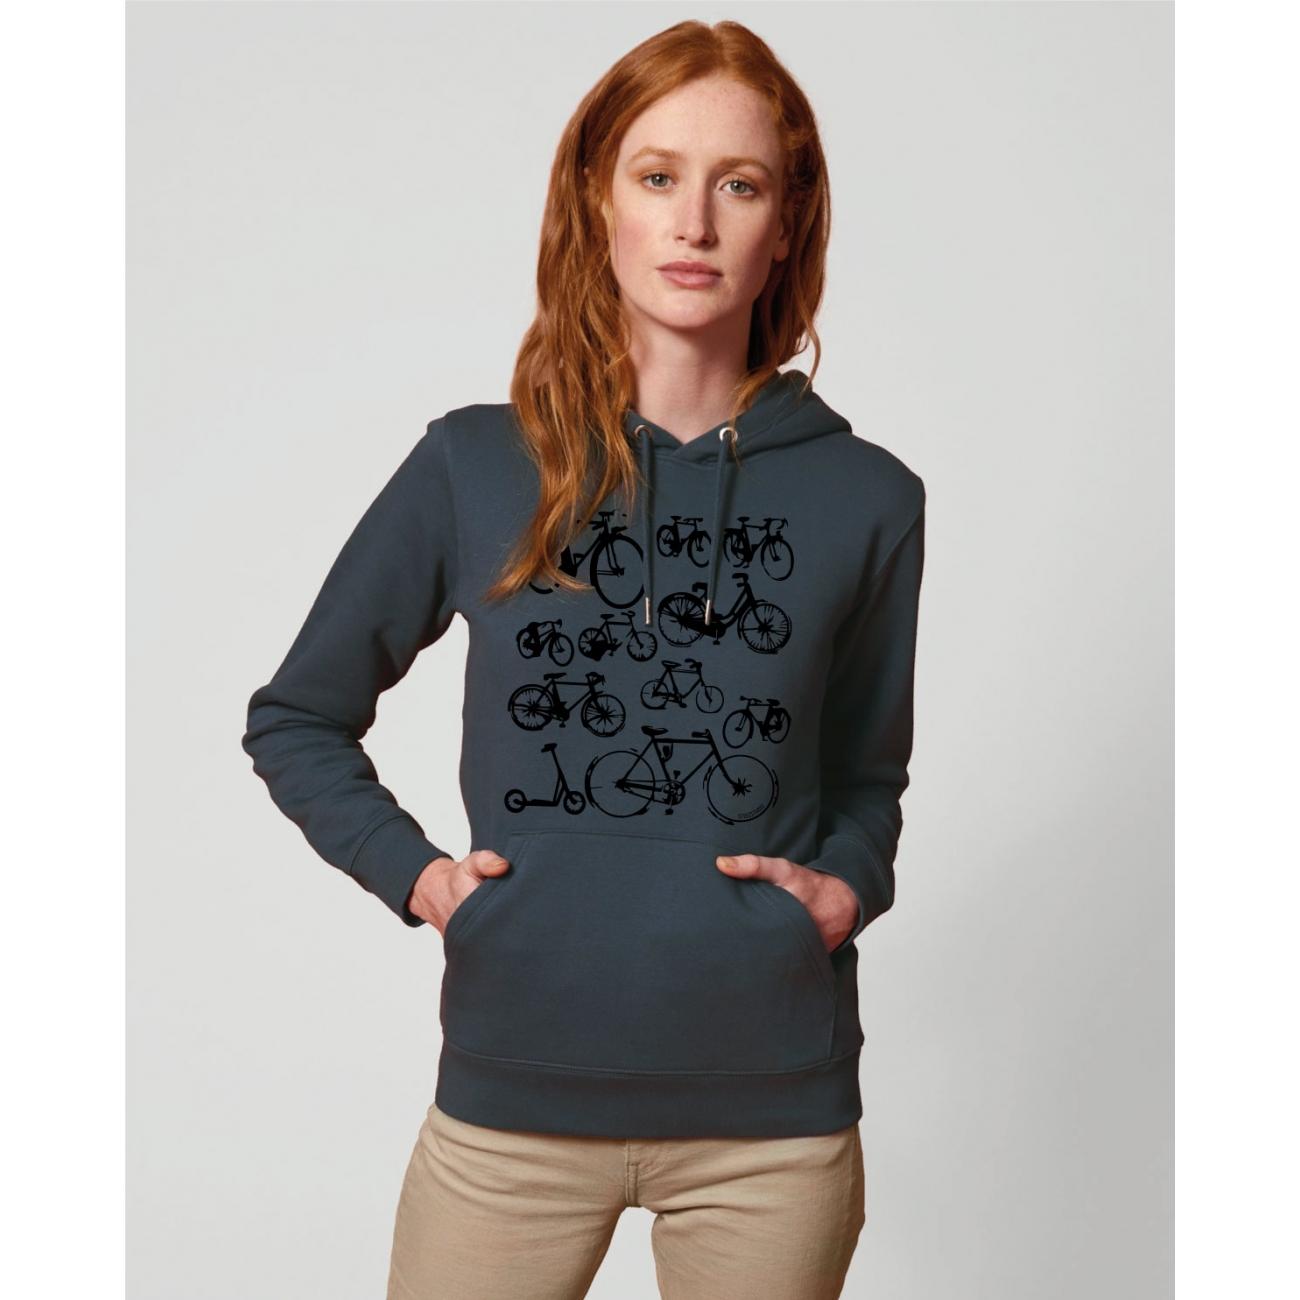 https://tee-shirt-bio.com/10136-thickbox_default/sweat-shirt-femme-capuche-epais-et-interieur-doux-coton-bio-gris-indien-impression-velo.jpg